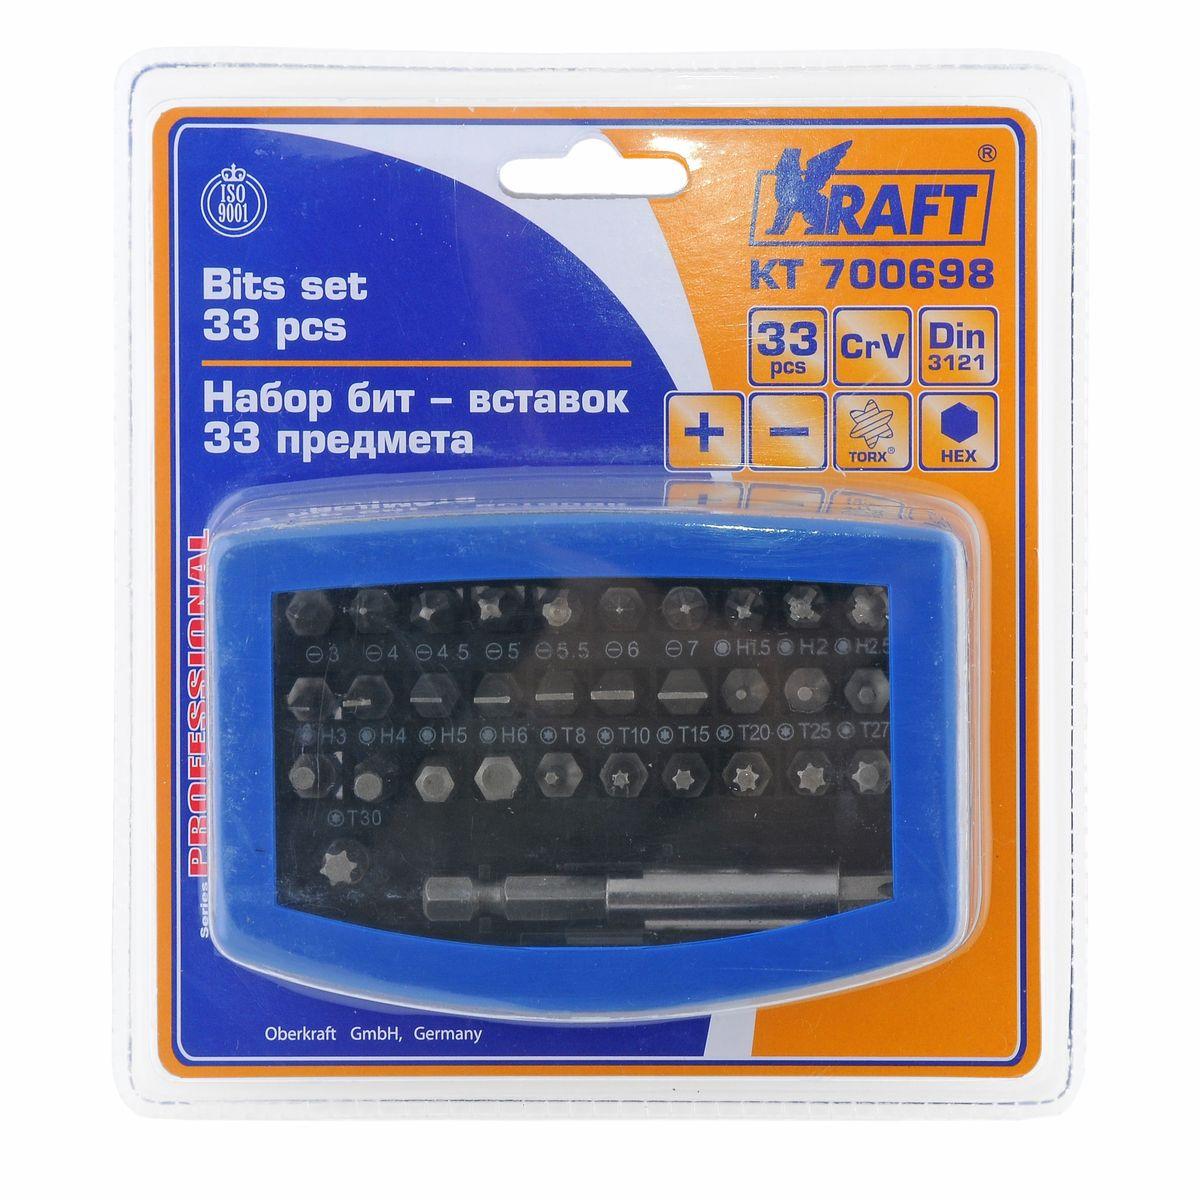 Набор бит-вставок Kraft Professional, 33 предметаКТ700698В набор Kraft Professional входят бит-вставки: Torx: T8, T10, T15, T20, T25, T27, T30, T40; Hex: 1,5, H2, H2,5, H3, H4, H5, H6; шлицевые: Sl3, Sl4, Sl4,5, Sl5, Sl5,5, Sl6, Sl7; крестовые: Ph0, Ph1, Ph2, Ph3, Ph4, Pz0, Pz1, Pz2, Pz3, Pz4; держатель бит 5/16. Элементы набора Kraft Professional изготовлены из хромованадиевой стали марки 50BV30 со специальным трехслойным покрытием, обеспечивающим долговременную защиту от механических повреждений.